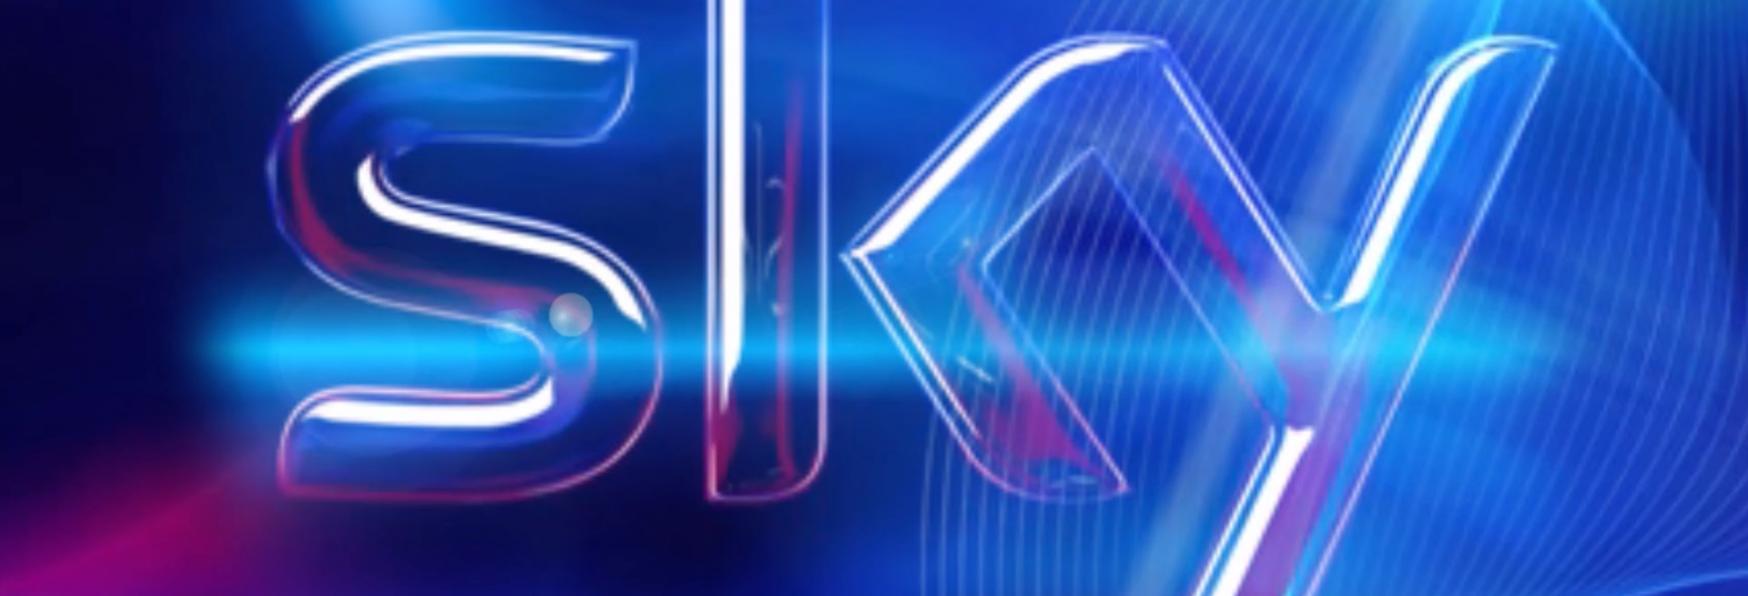 Un nuovo Accordo sulla Programmazione tra le Reti Sky e HBO